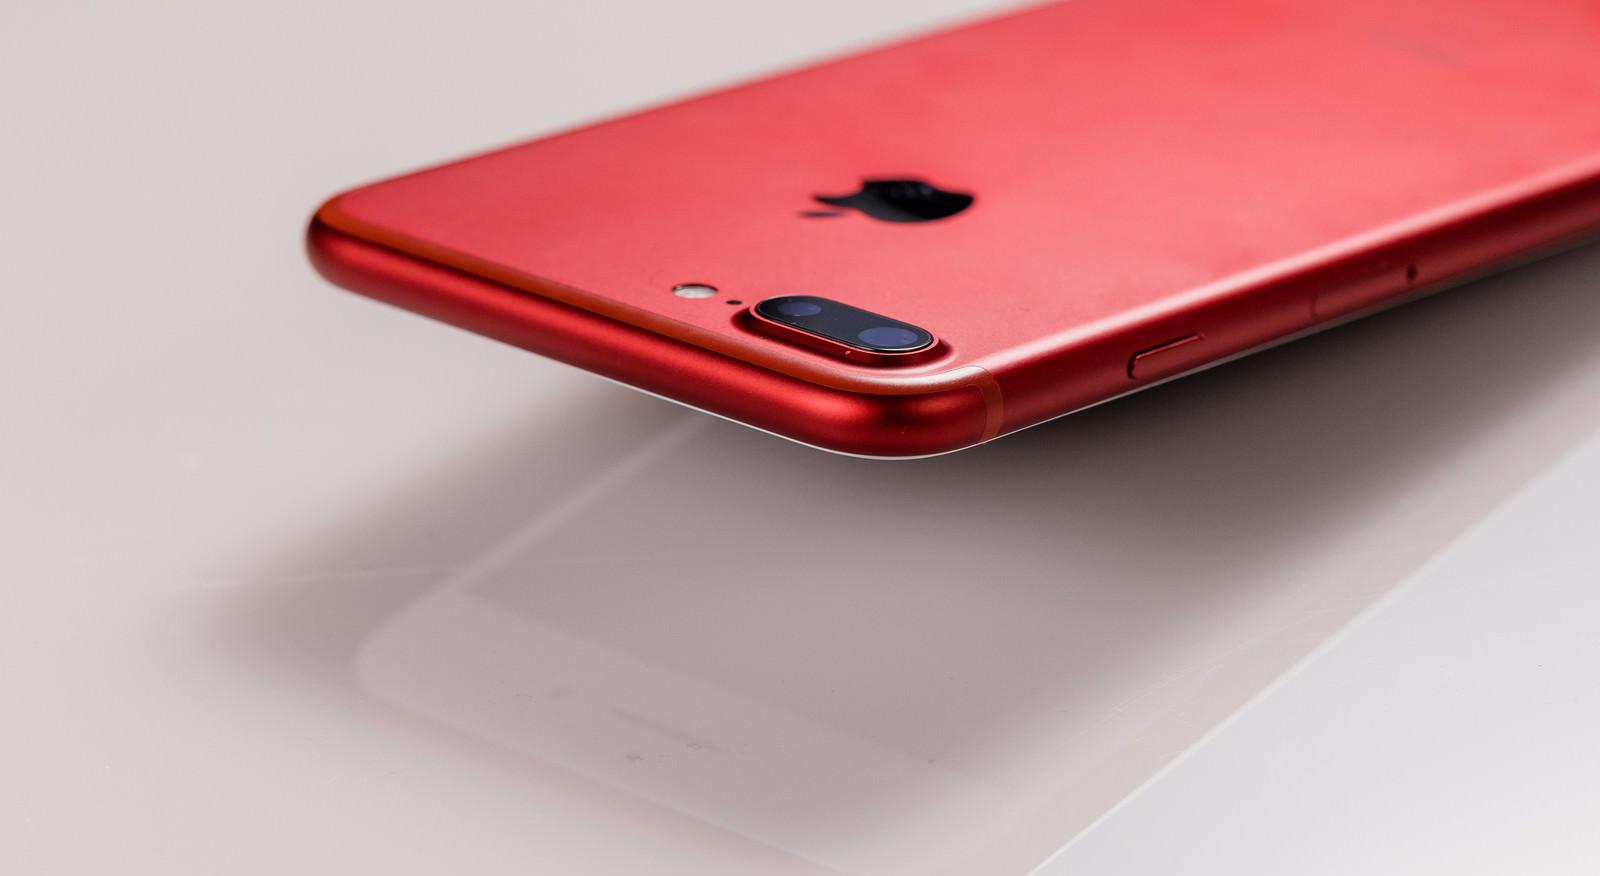 「赤いボディのスマートフォン赤いボディのスマートフォン」のフリー写真素材を拡大